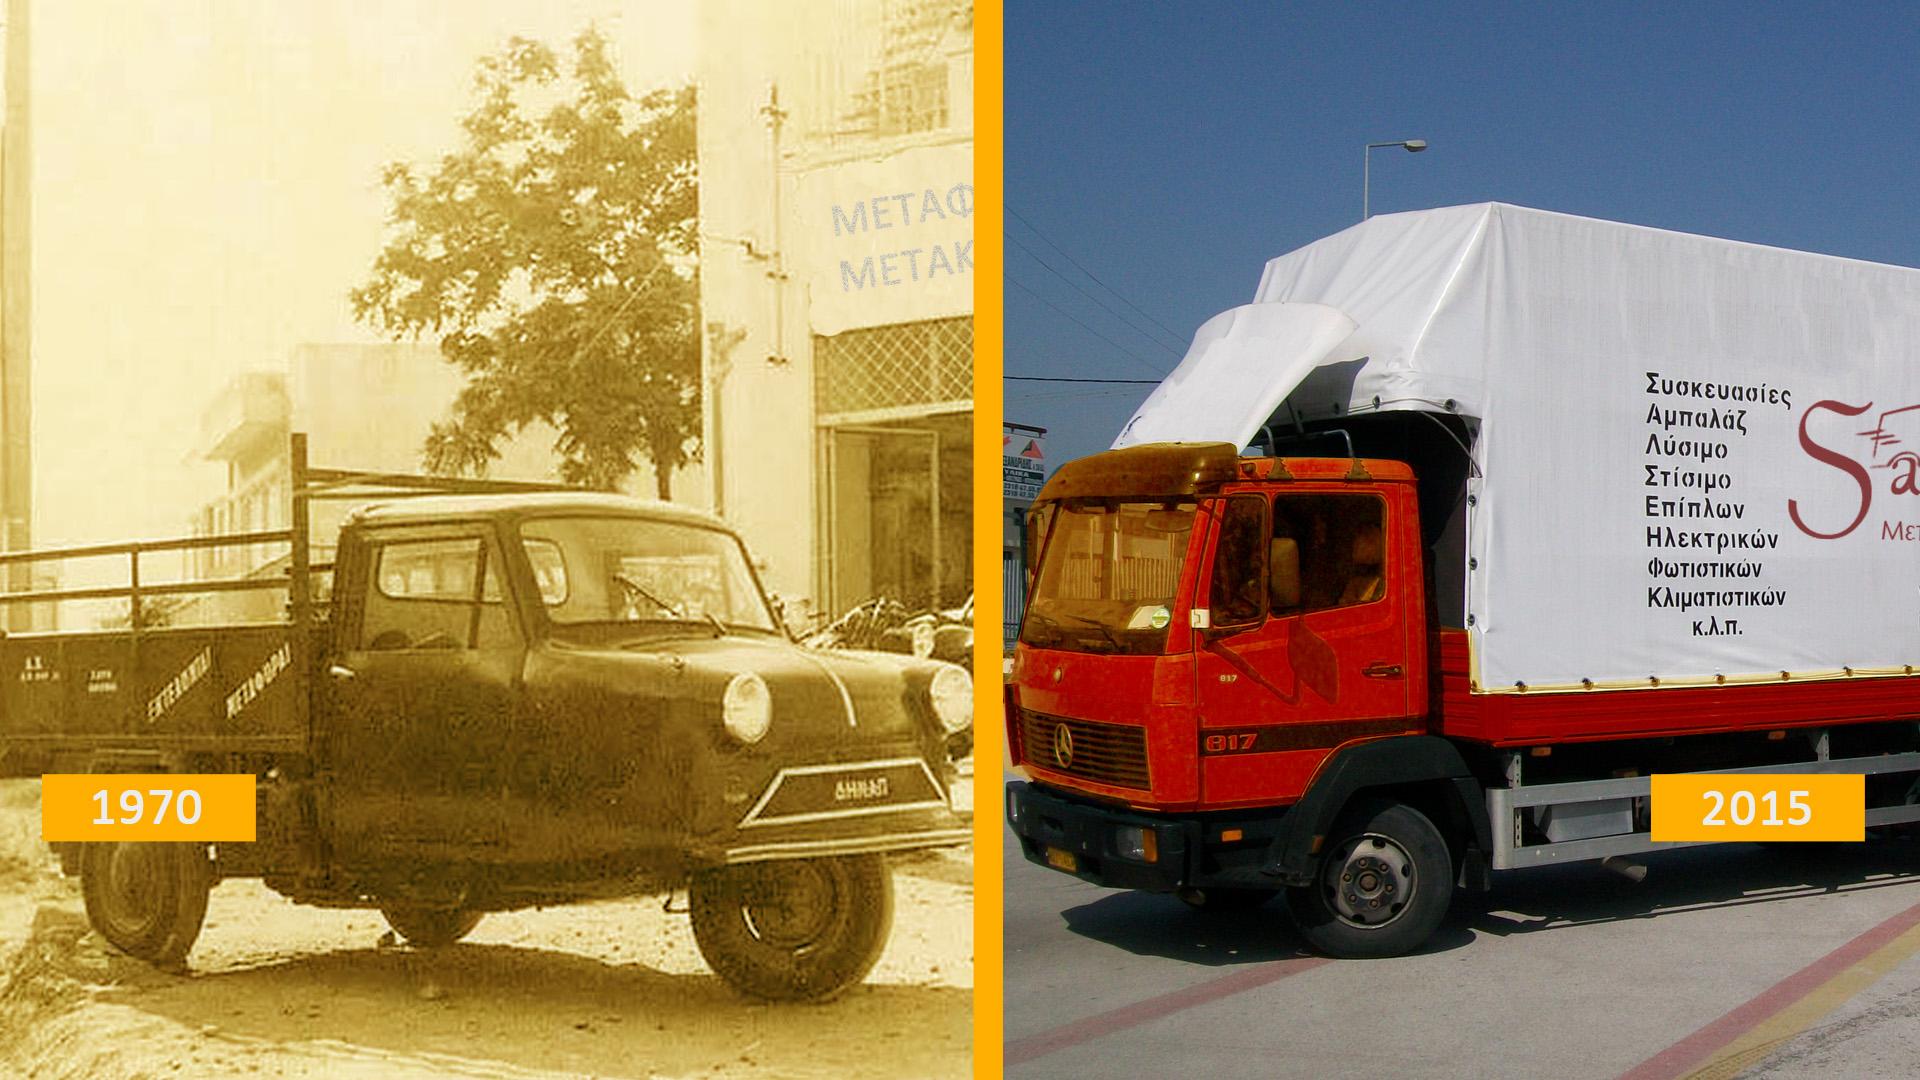 60 χρόνια στο χώρο των μετακομίσεων